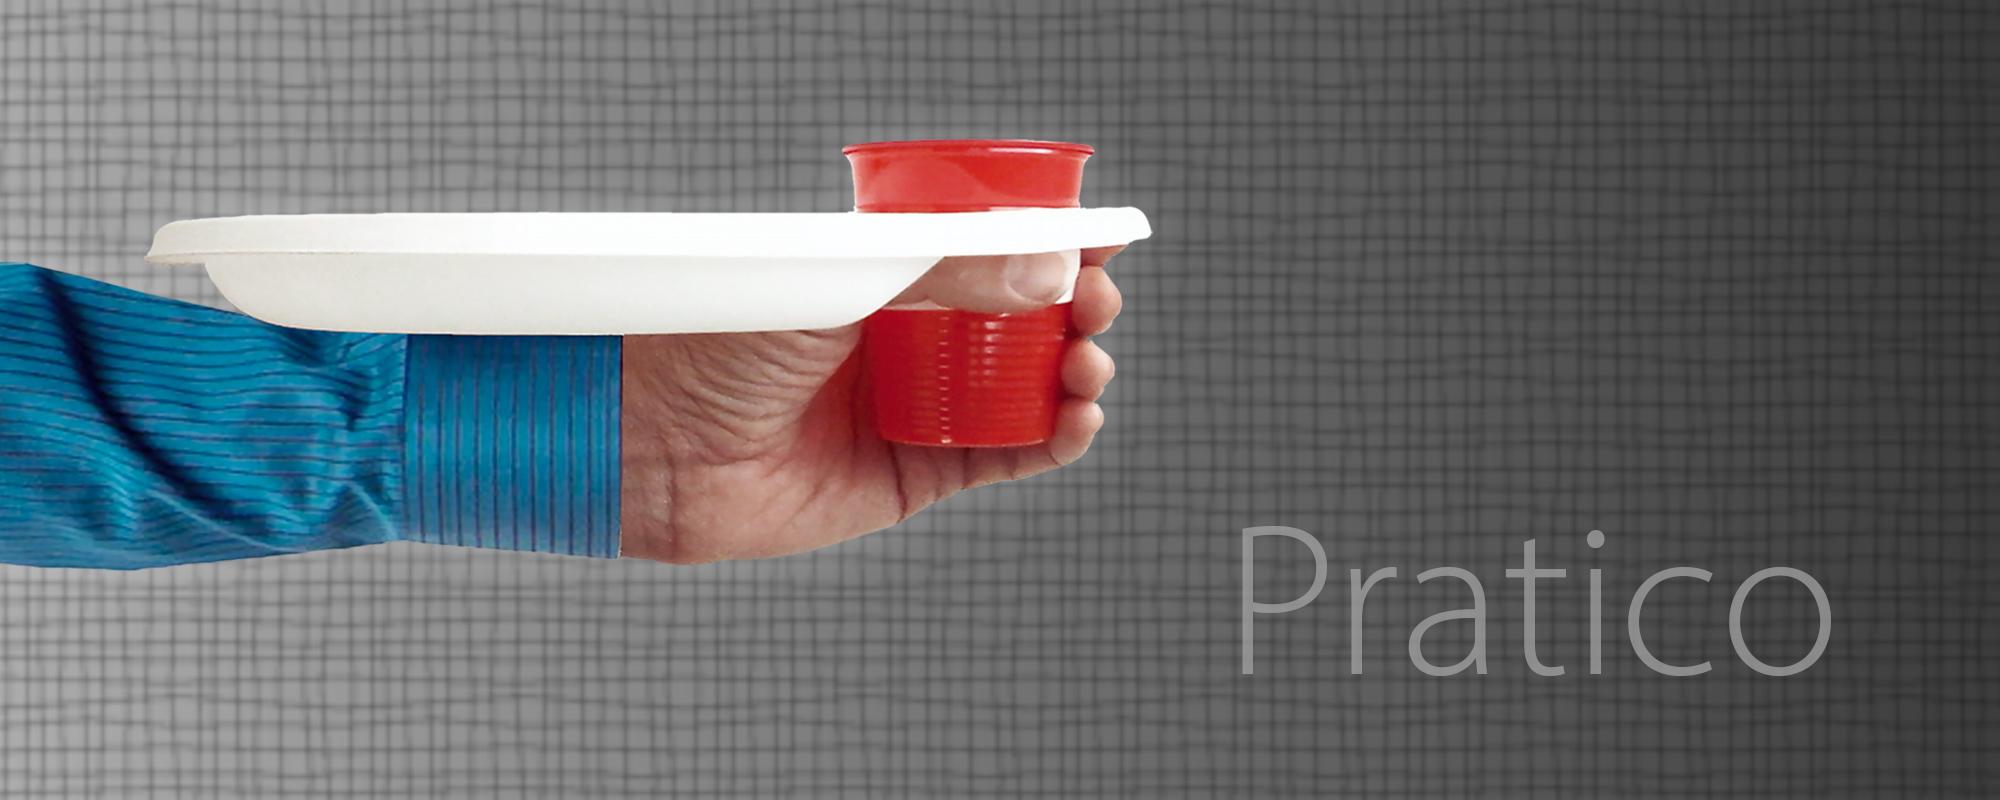 Un piatto di plastica pratico, grazie al sostegno inferiore, permette di sorreggere il piatto di plastica anche quando il bicchiere viene tolto per bere.